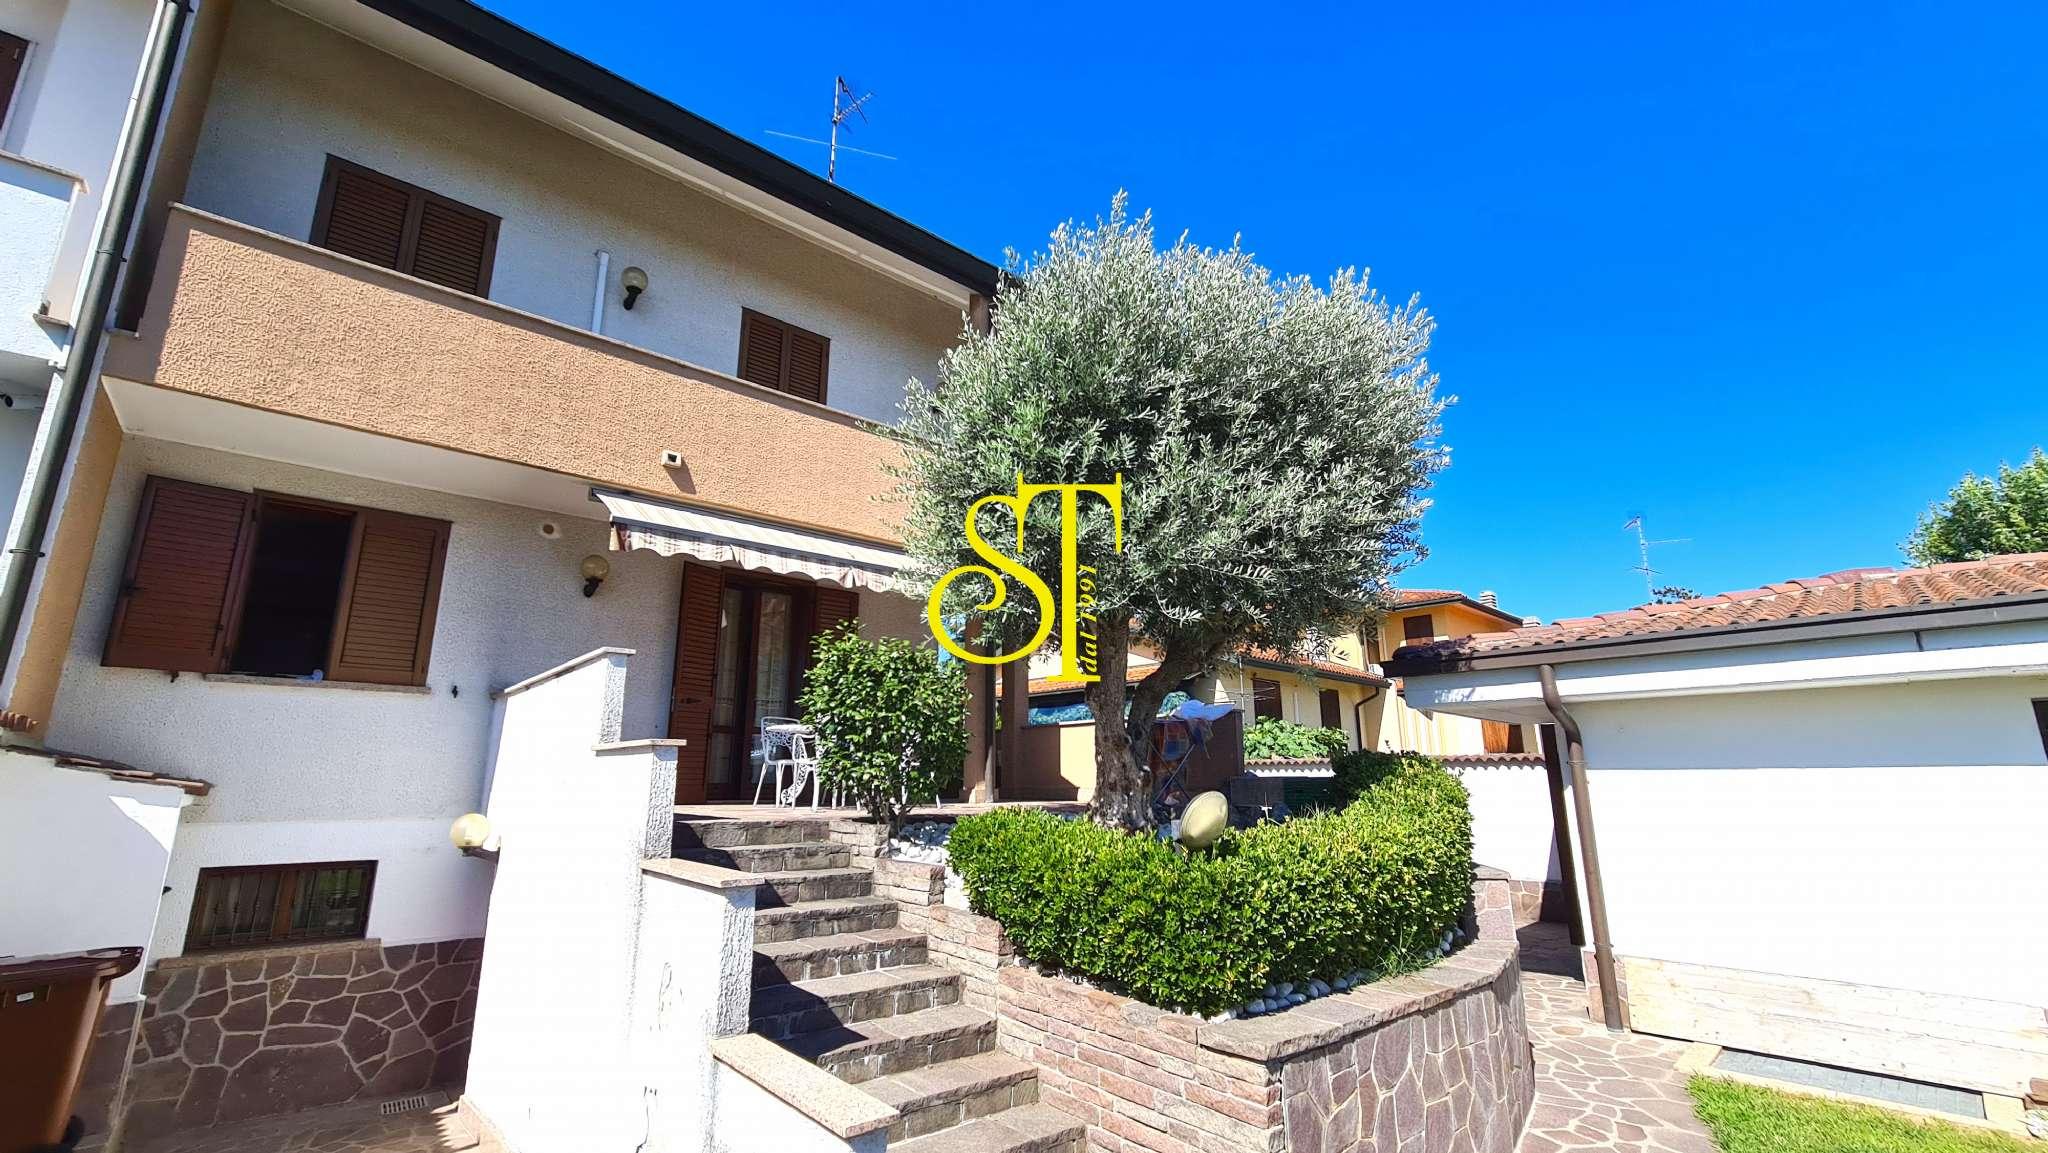 Villa in vendita a Sedriano, 5 locali, prezzo € 580.000 | PortaleAgenzieImmobiliari.it